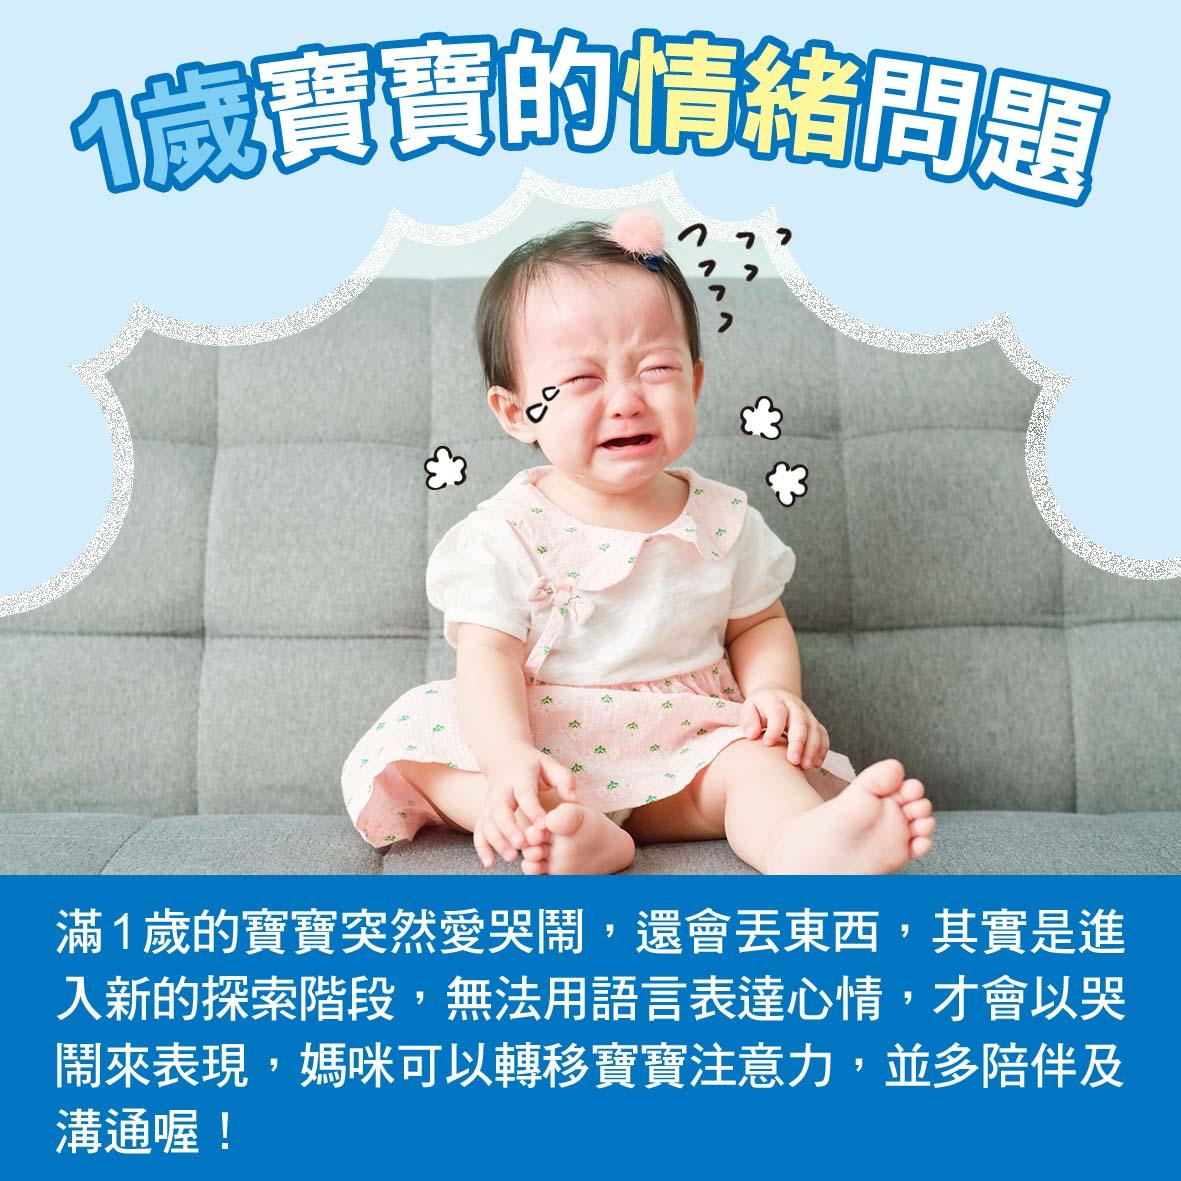 寶寶篇1歲第1~2週-1歲寶寶的情緒問題